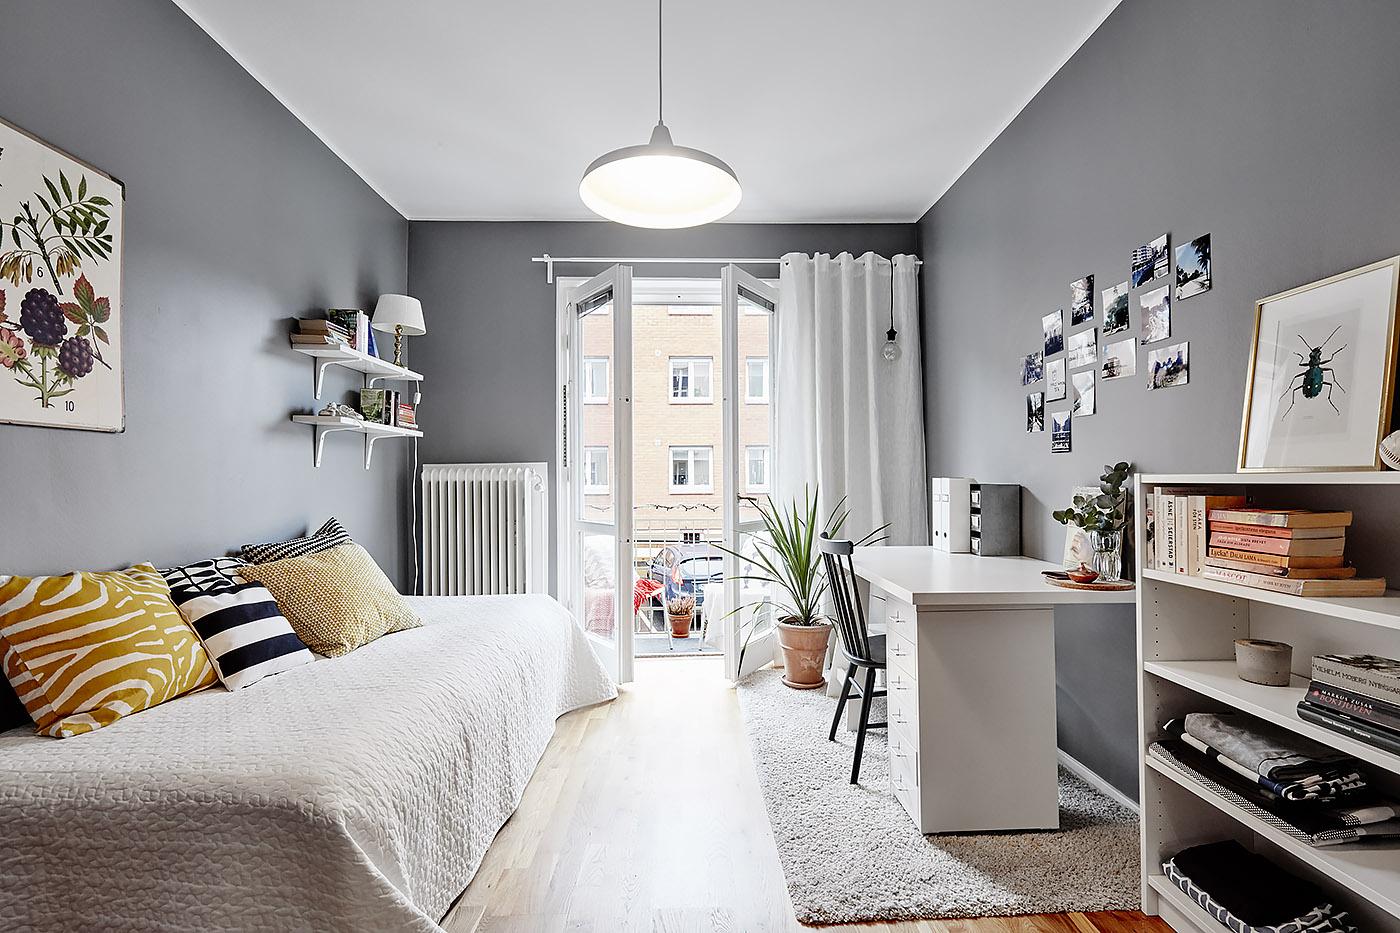 Habitaciones juveniles de estilo n rdico blog tienda - Habitaciones decoradas juveniles ...